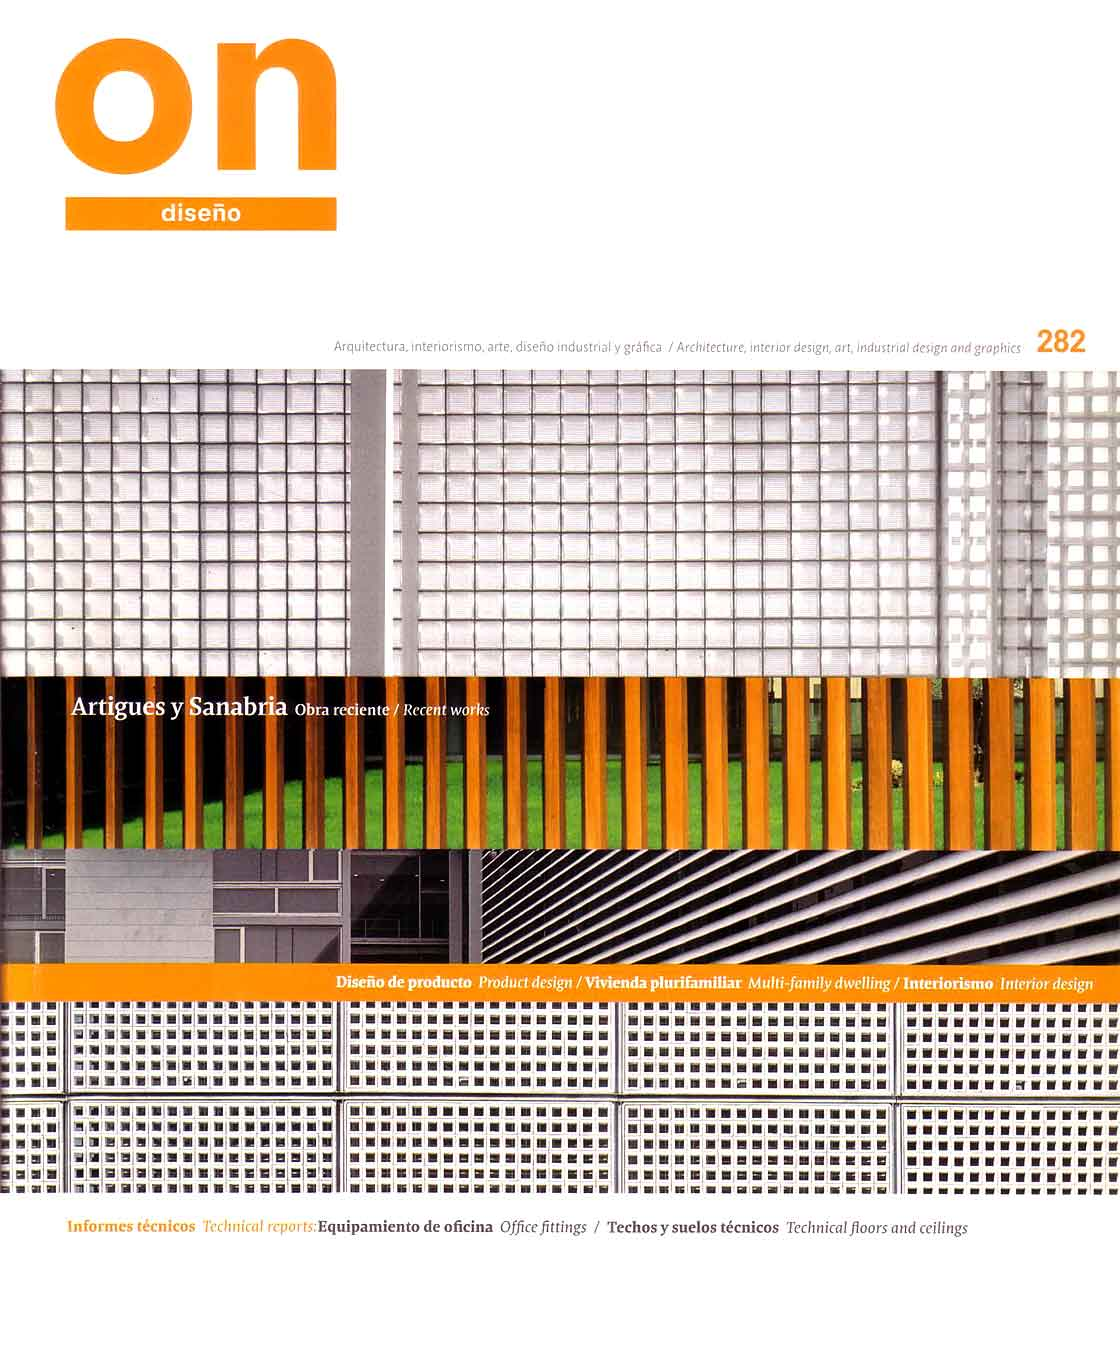 ON diseño n. 282 - portada @Marc García-Durán, arquitecto